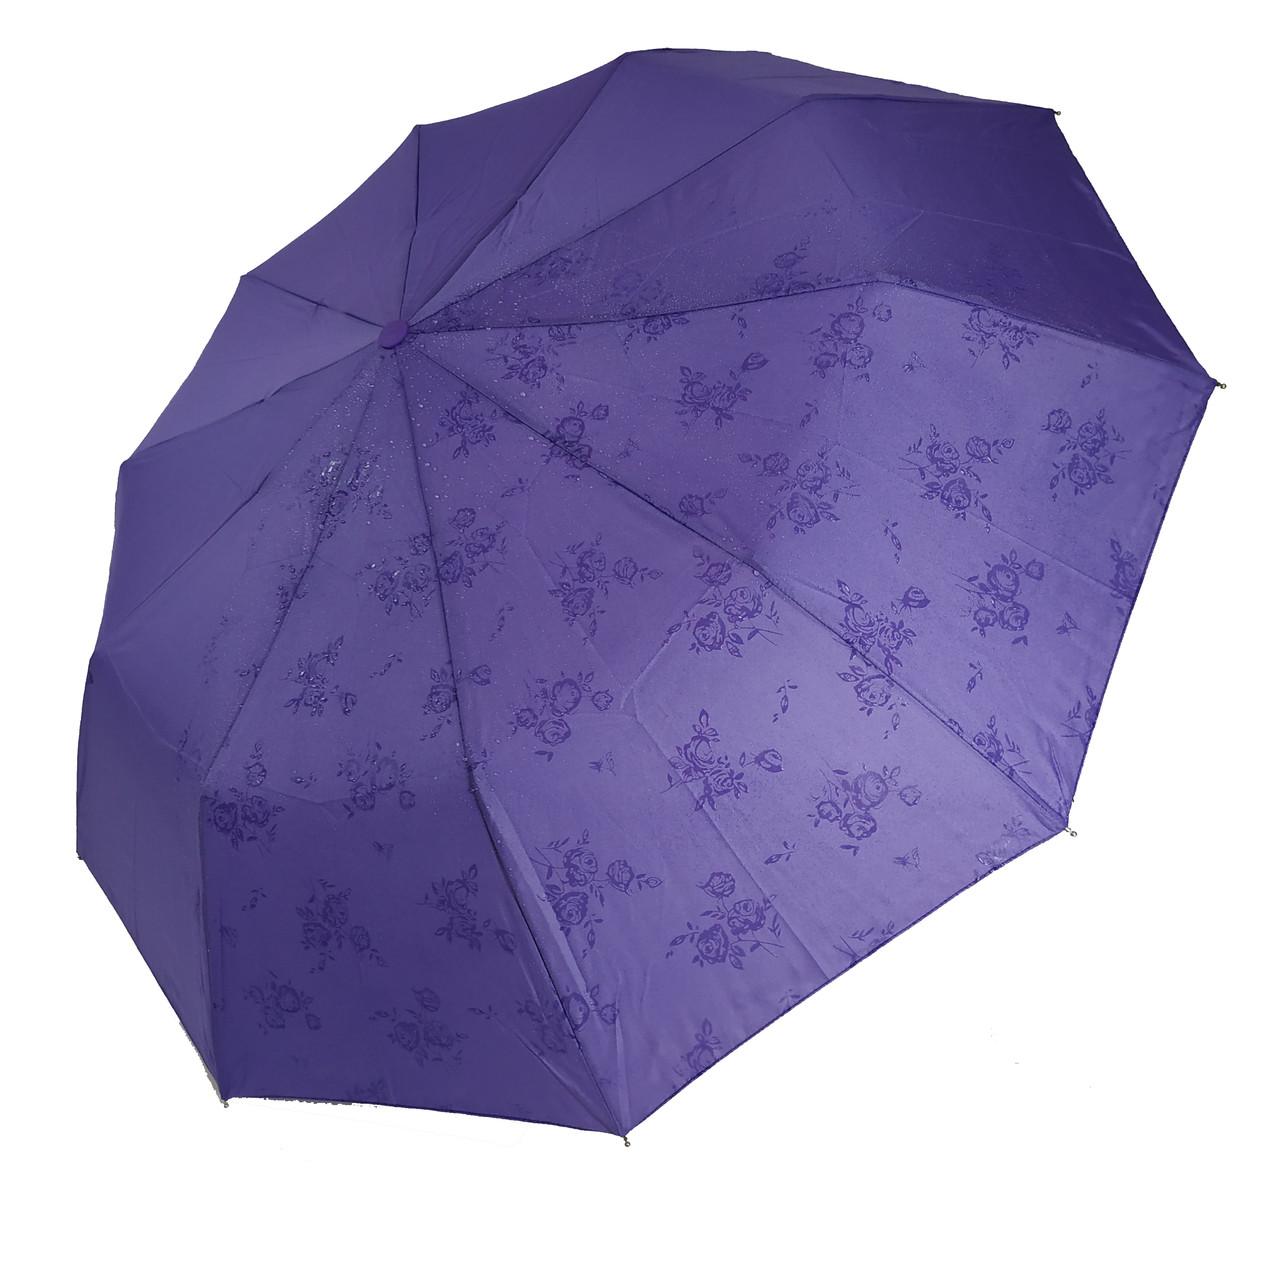 """Жіночий парасольку-напівавтомат на 10 спиць Bellisimo """"Flower land"""", проявлення, бузковий колір, 461-7"""